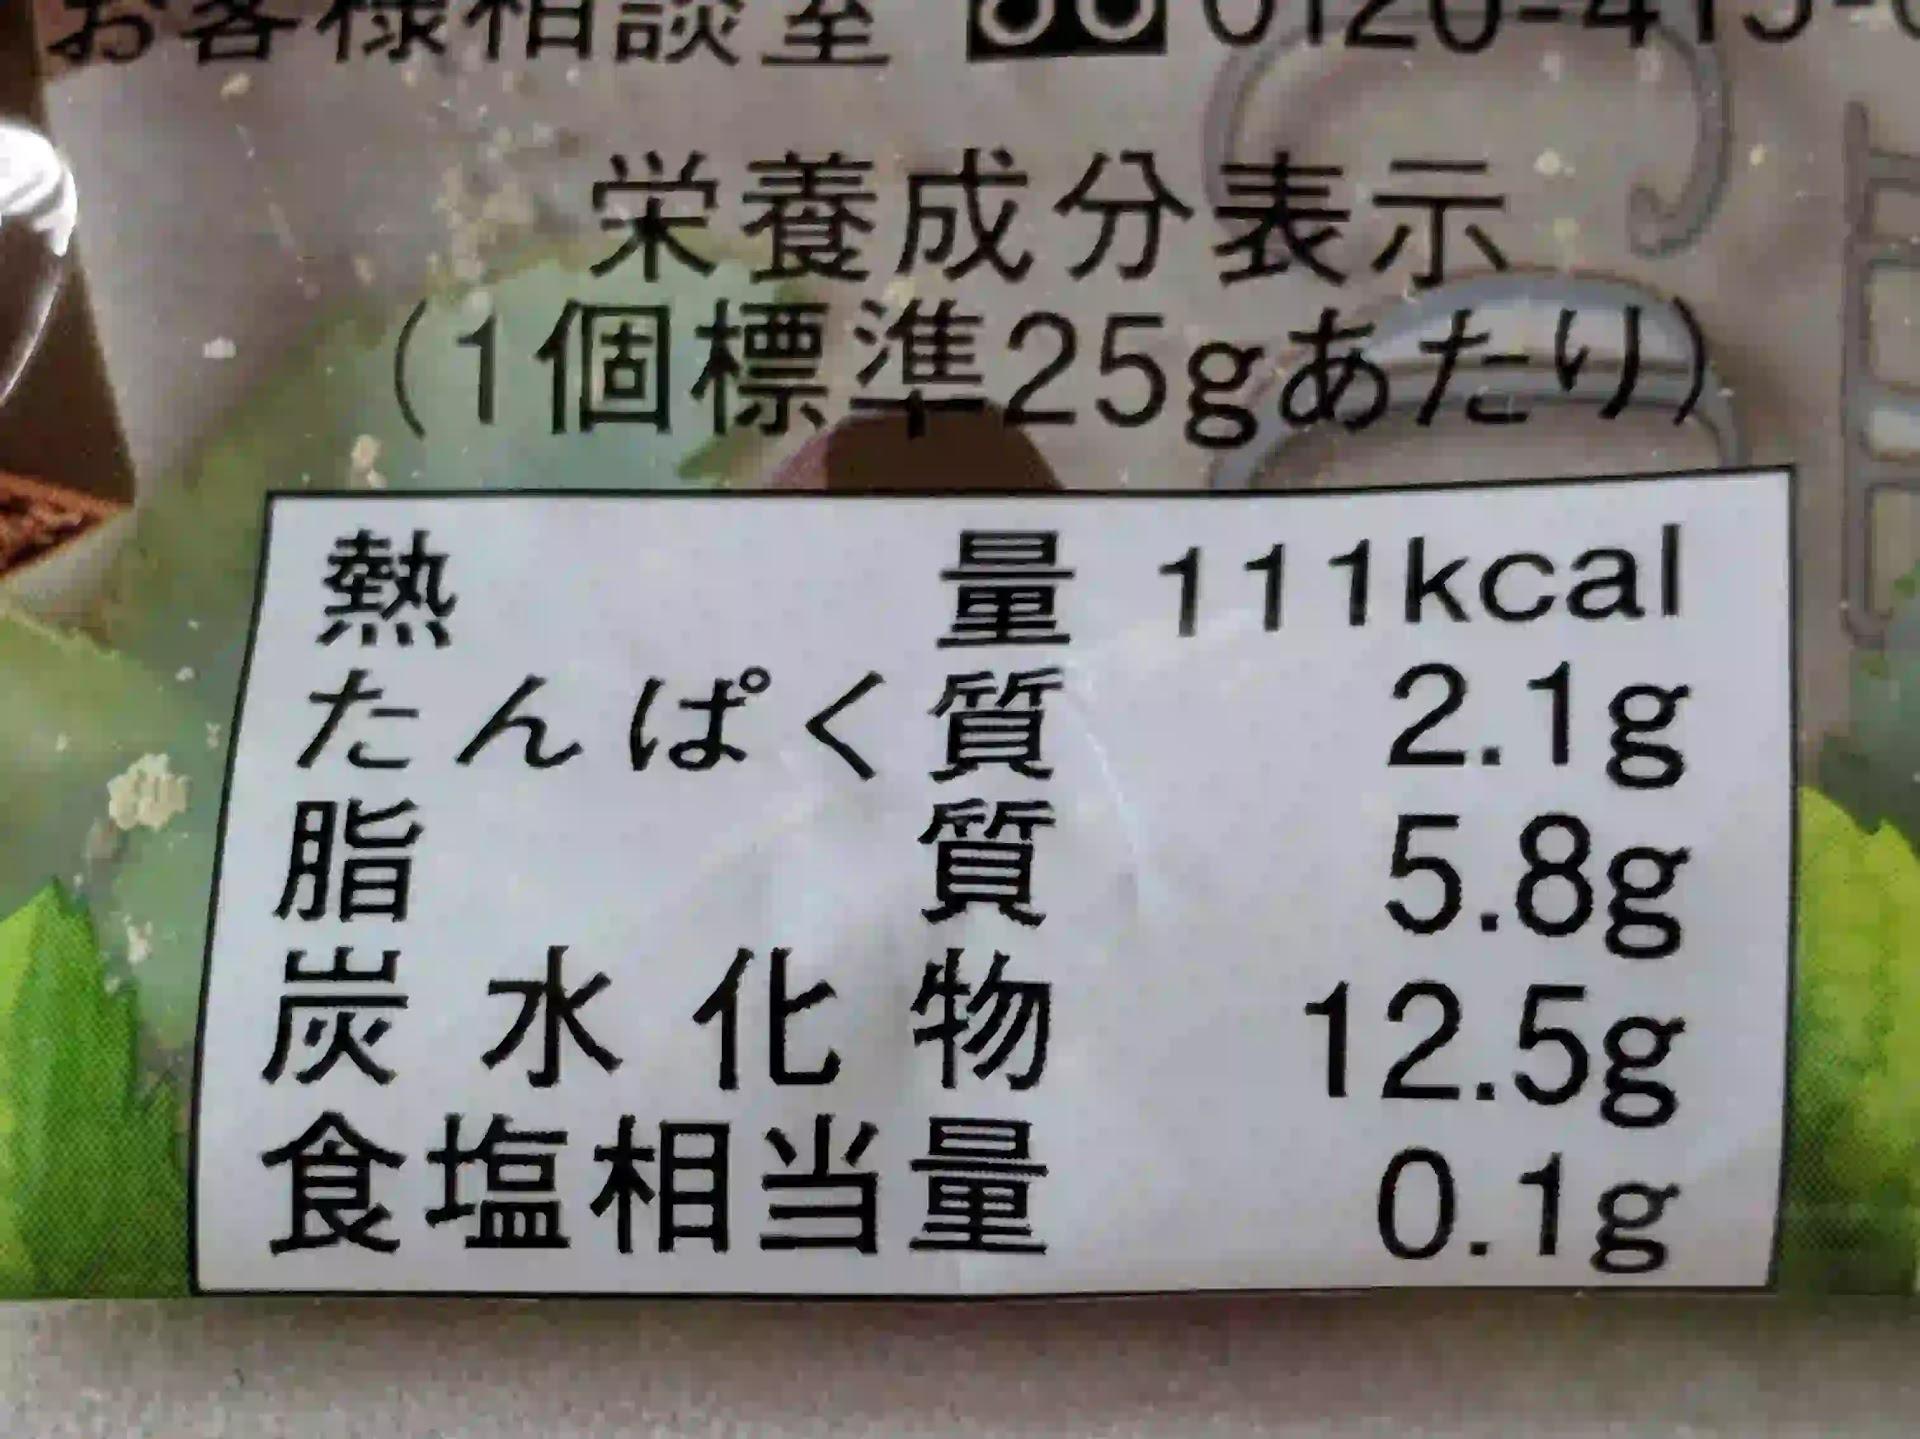 カルディ チョコミントダックワーズ 栄養成分表示